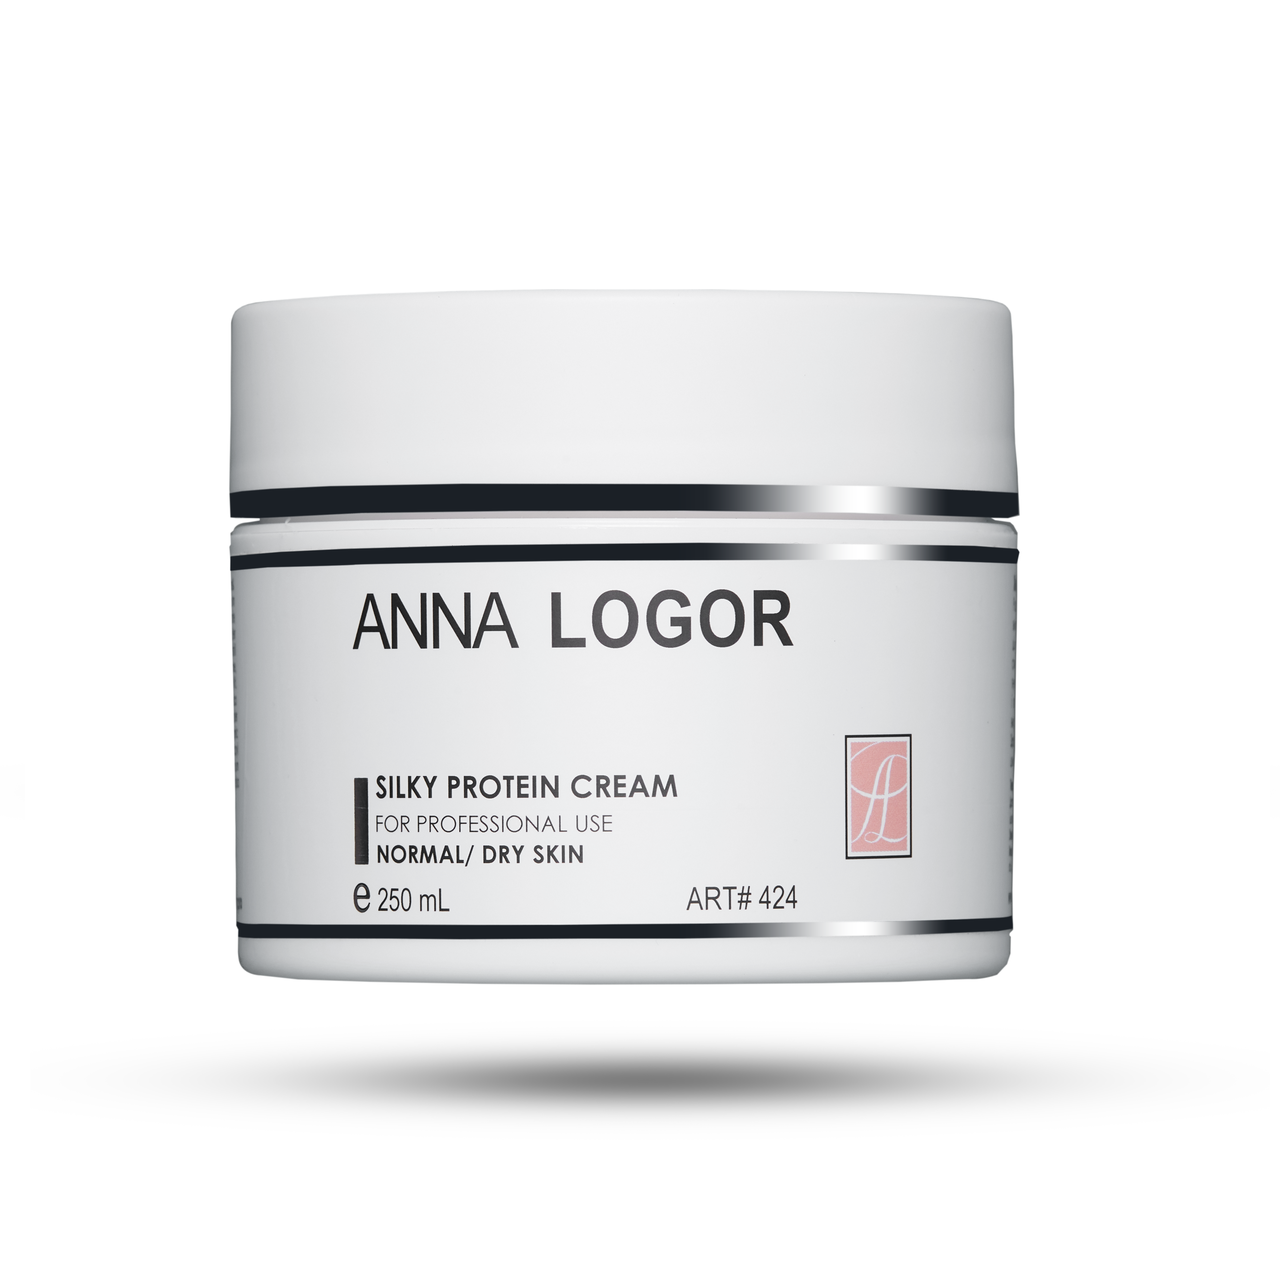 Крем живильний з протеїнами шовку Анна Логор - Anna Logor Silky Protein Cream 250 ml Art.424